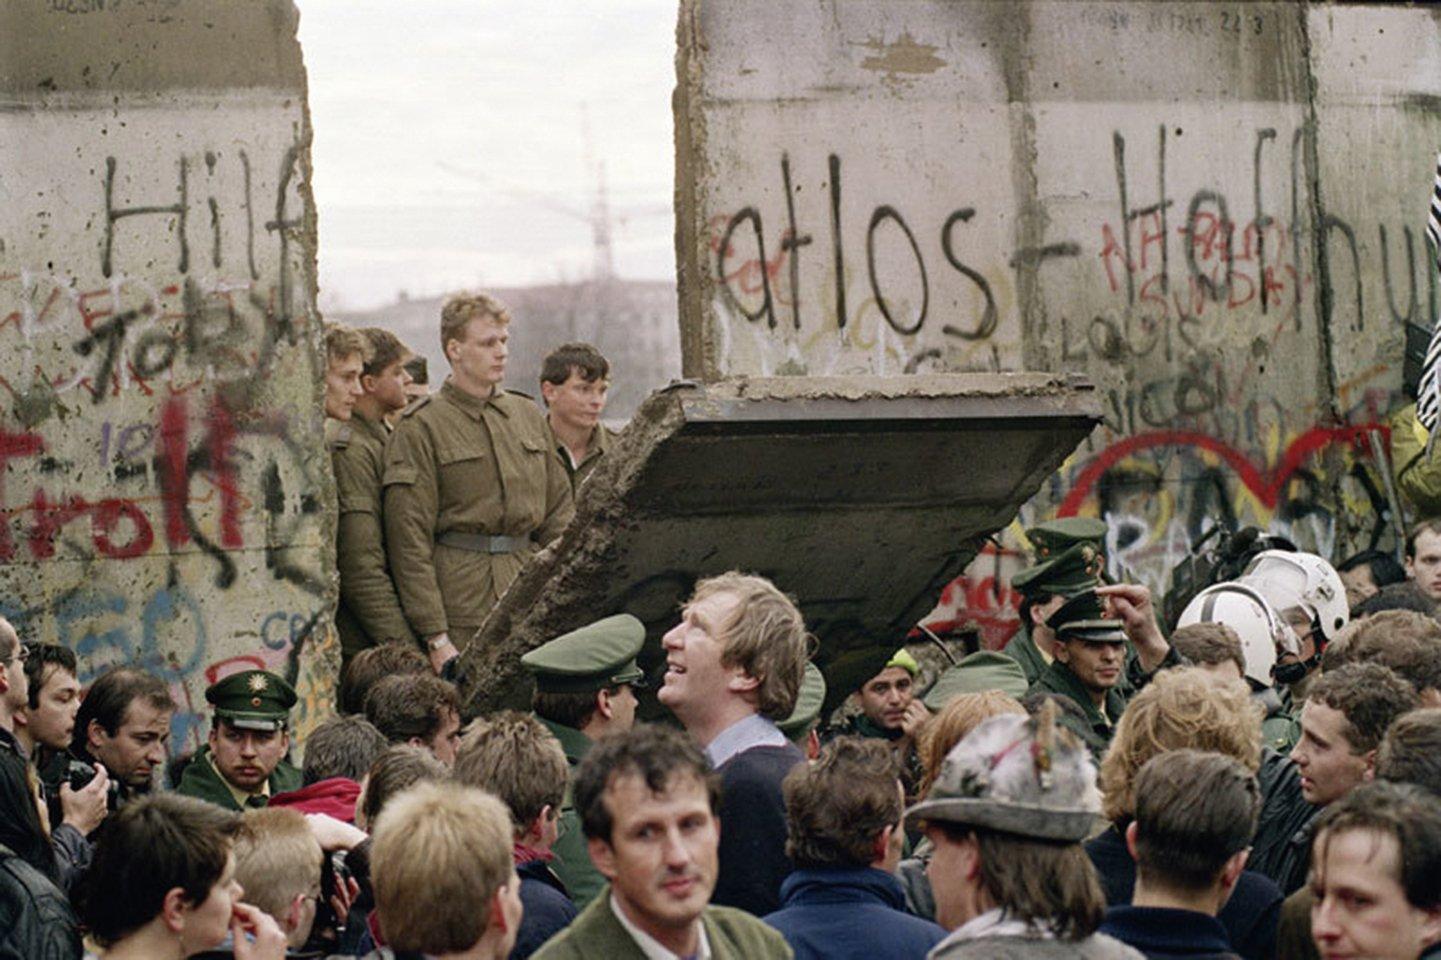 1989年11月9日,東德被迫放棄了邊界管制,數以萬計的東德人翻越柏林牆到達西柏林。1991年,蘇聯解體,冷戰結束。(AFP)